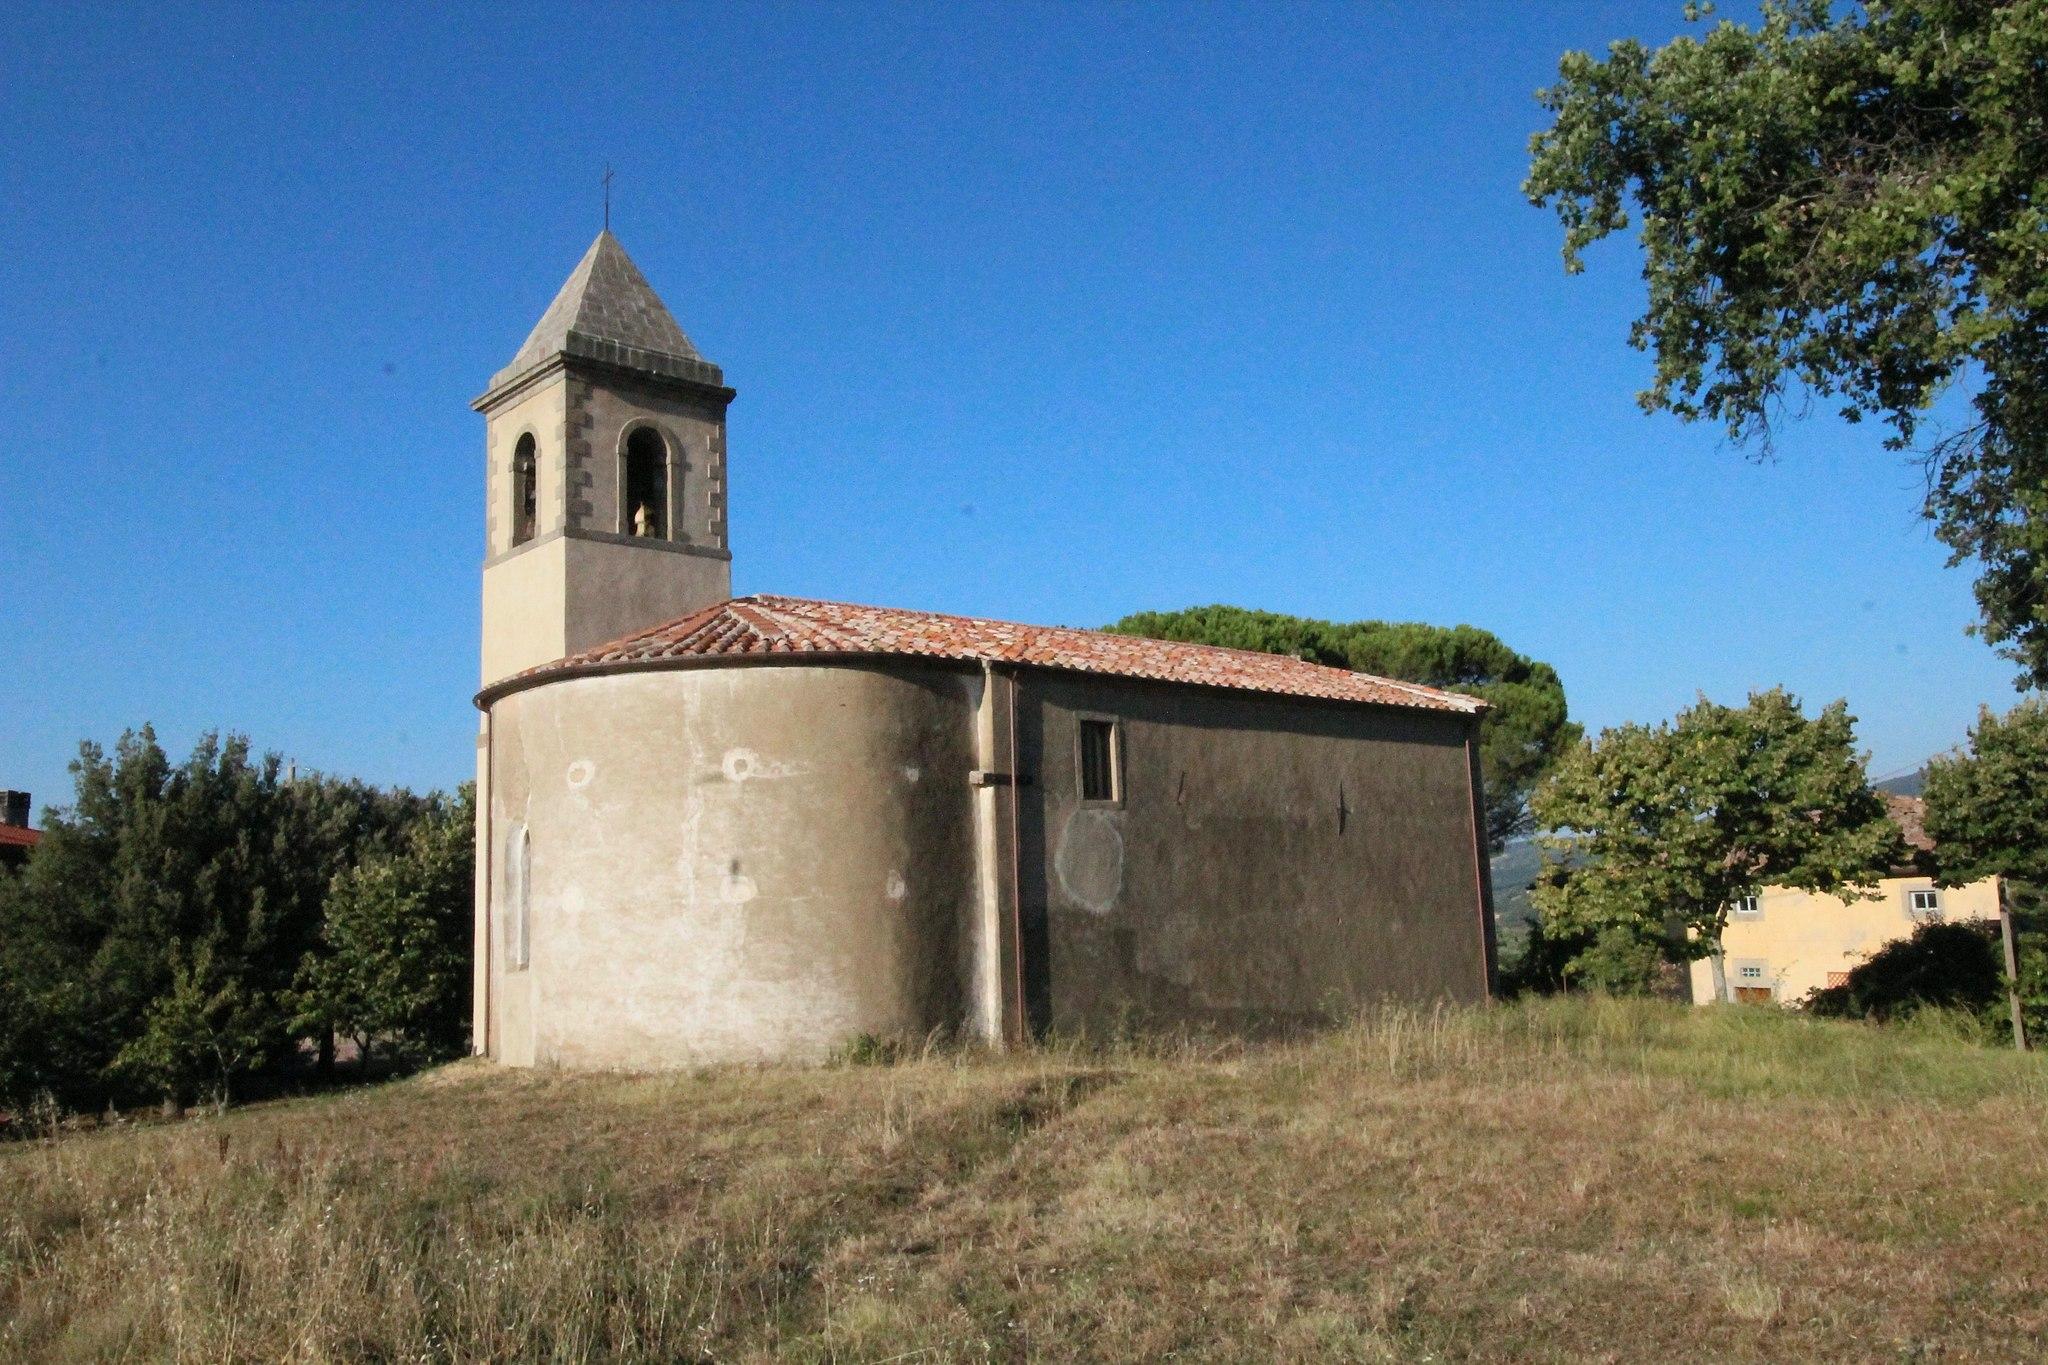 Montegiovi, Madonna degli Schiavi